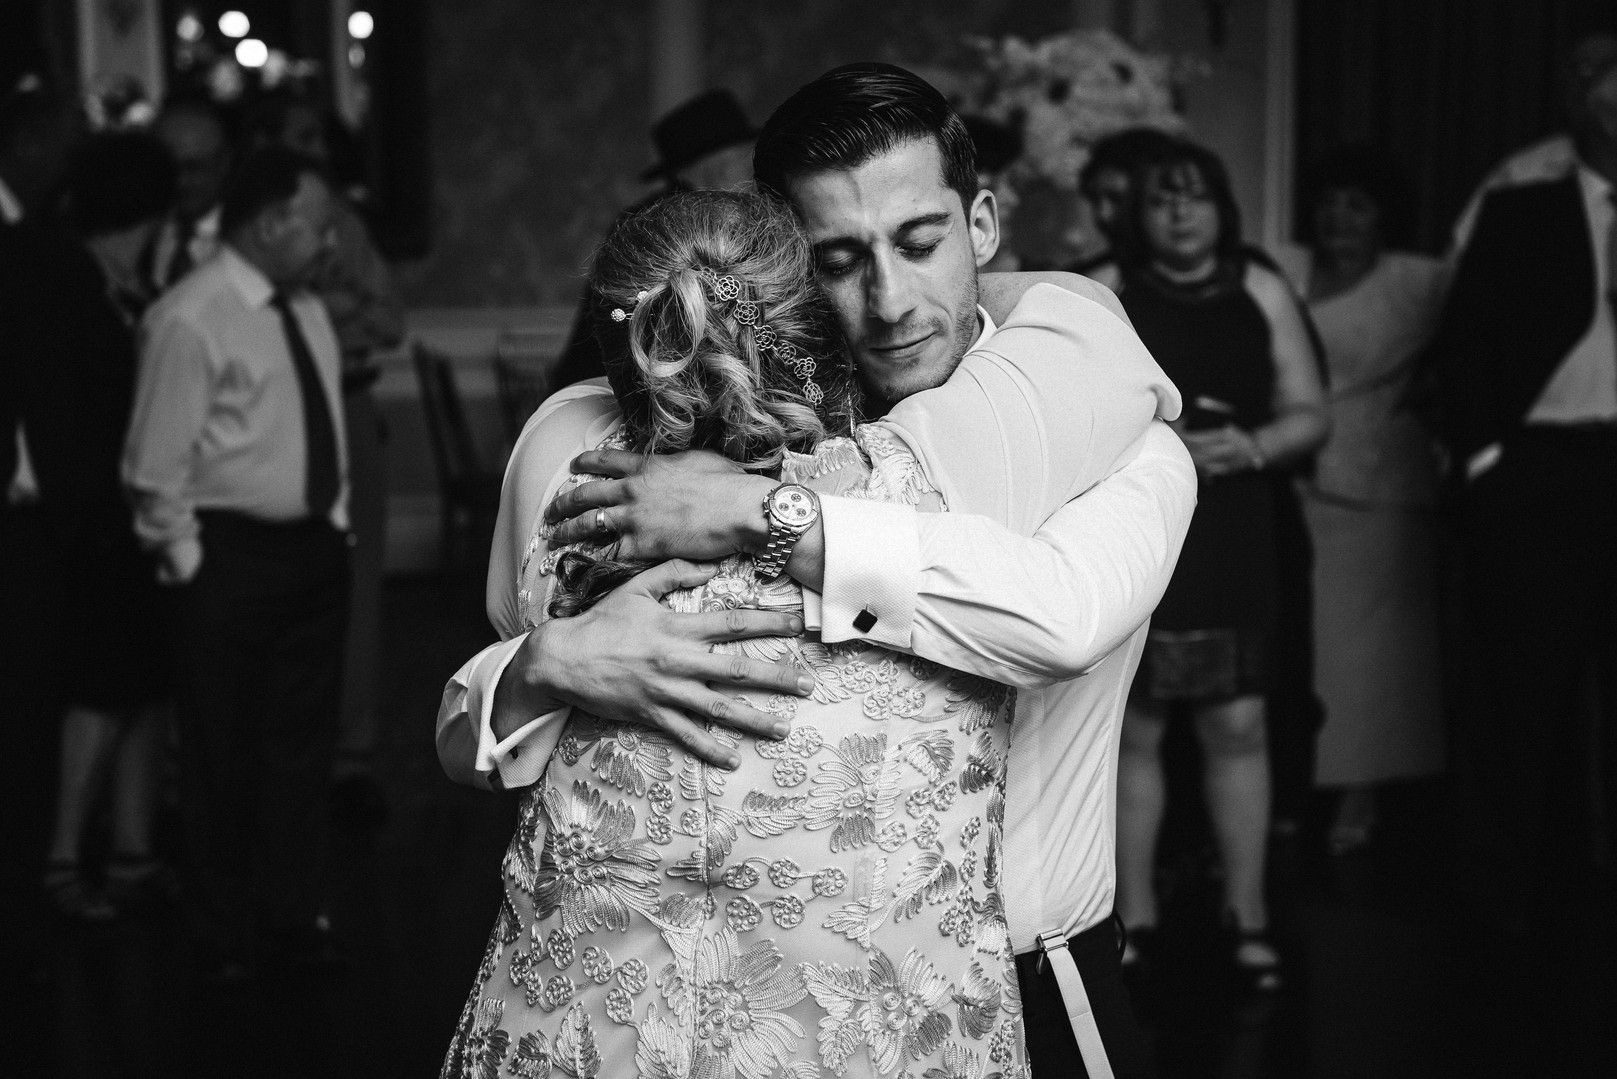 weddings-25-2.jpg